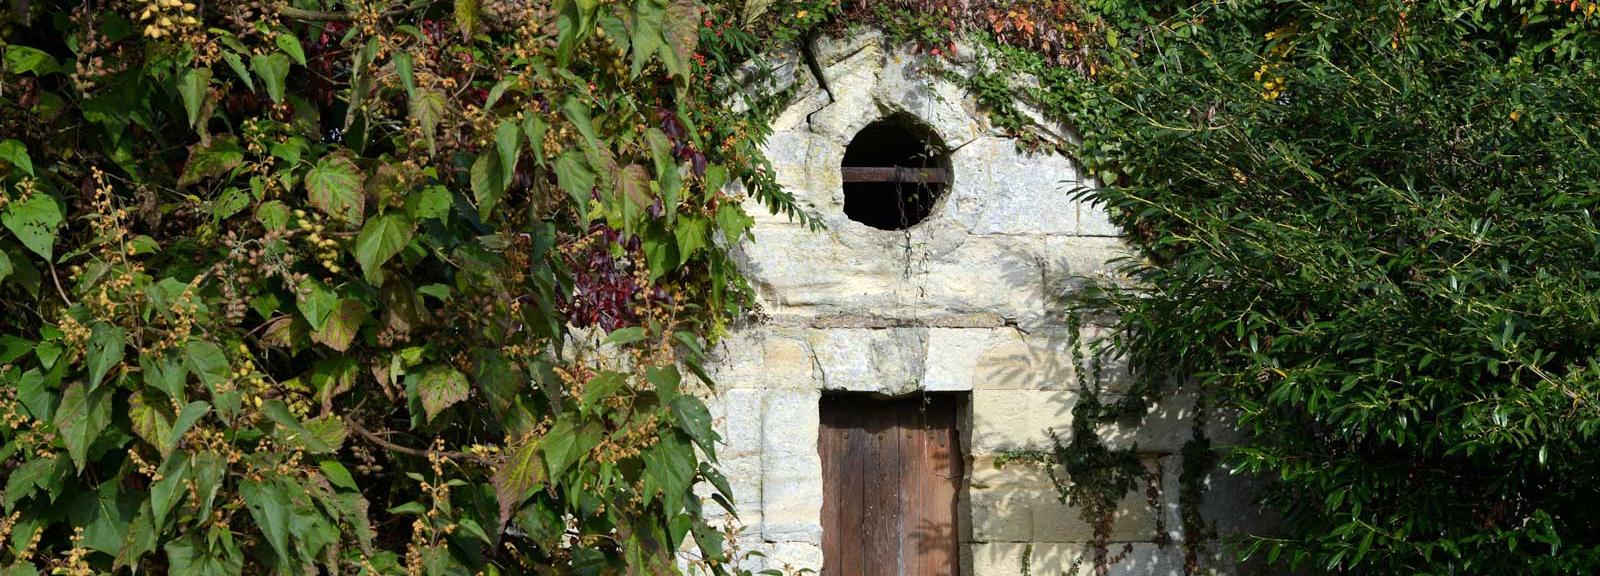 Un pavillon de la source du XVIIe s. dans l'Arboretum © MNHN - S. Gerbault